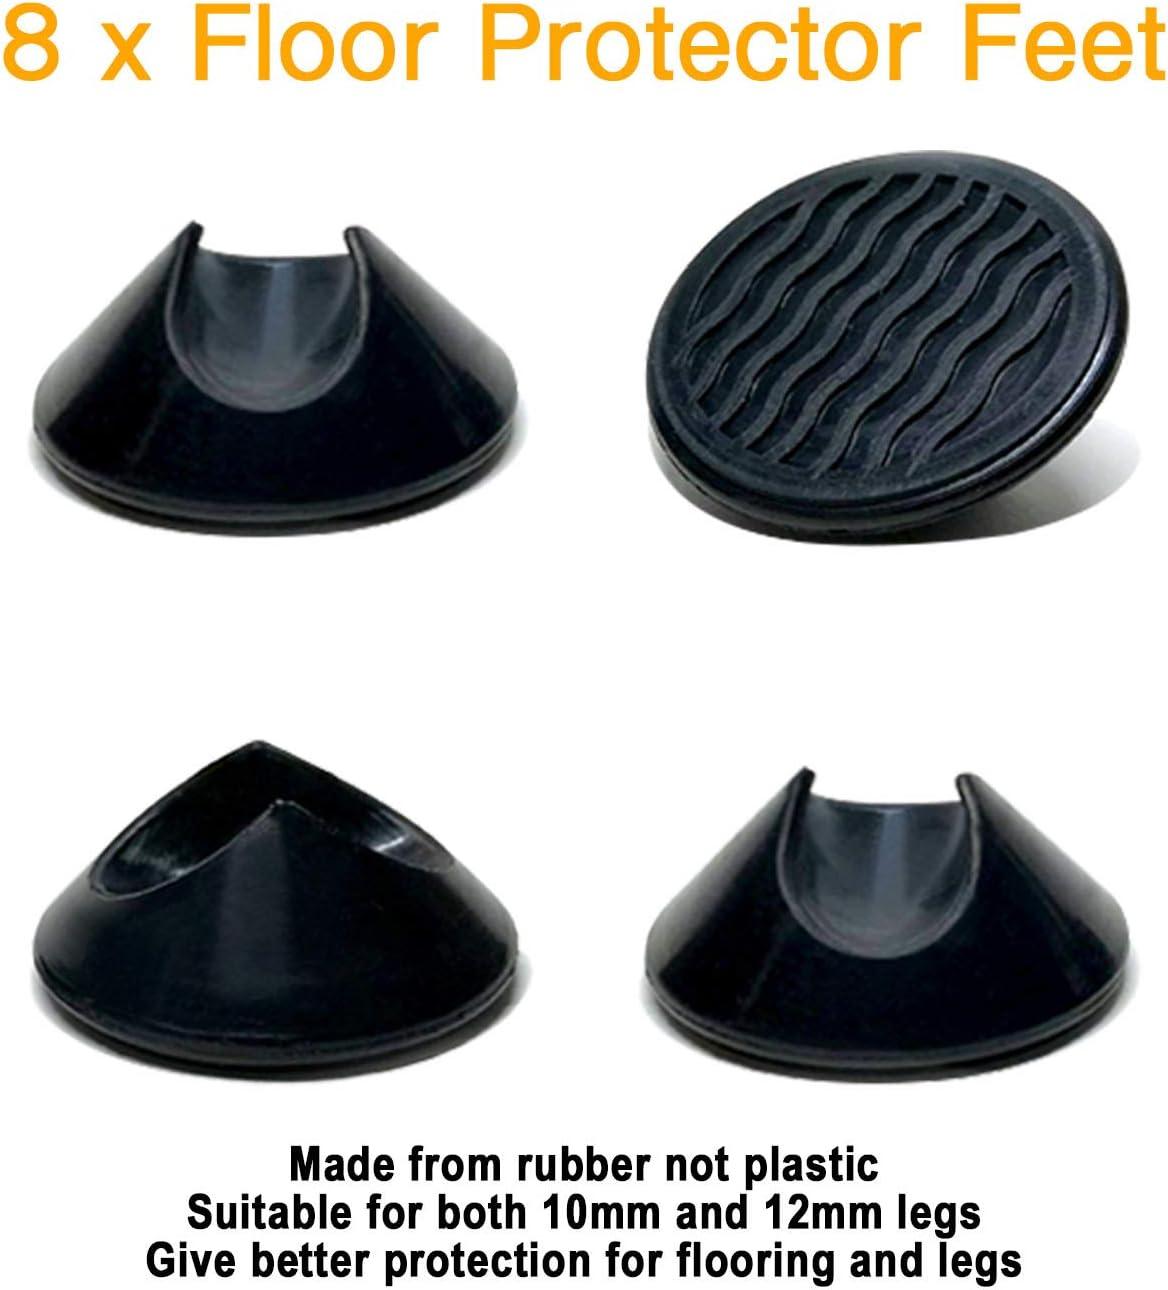 Protectores para patas de horquilla blanco universal para barras de acero de 10 mm y 12 mm deslizadores de goma antideslizantes para suelos duros